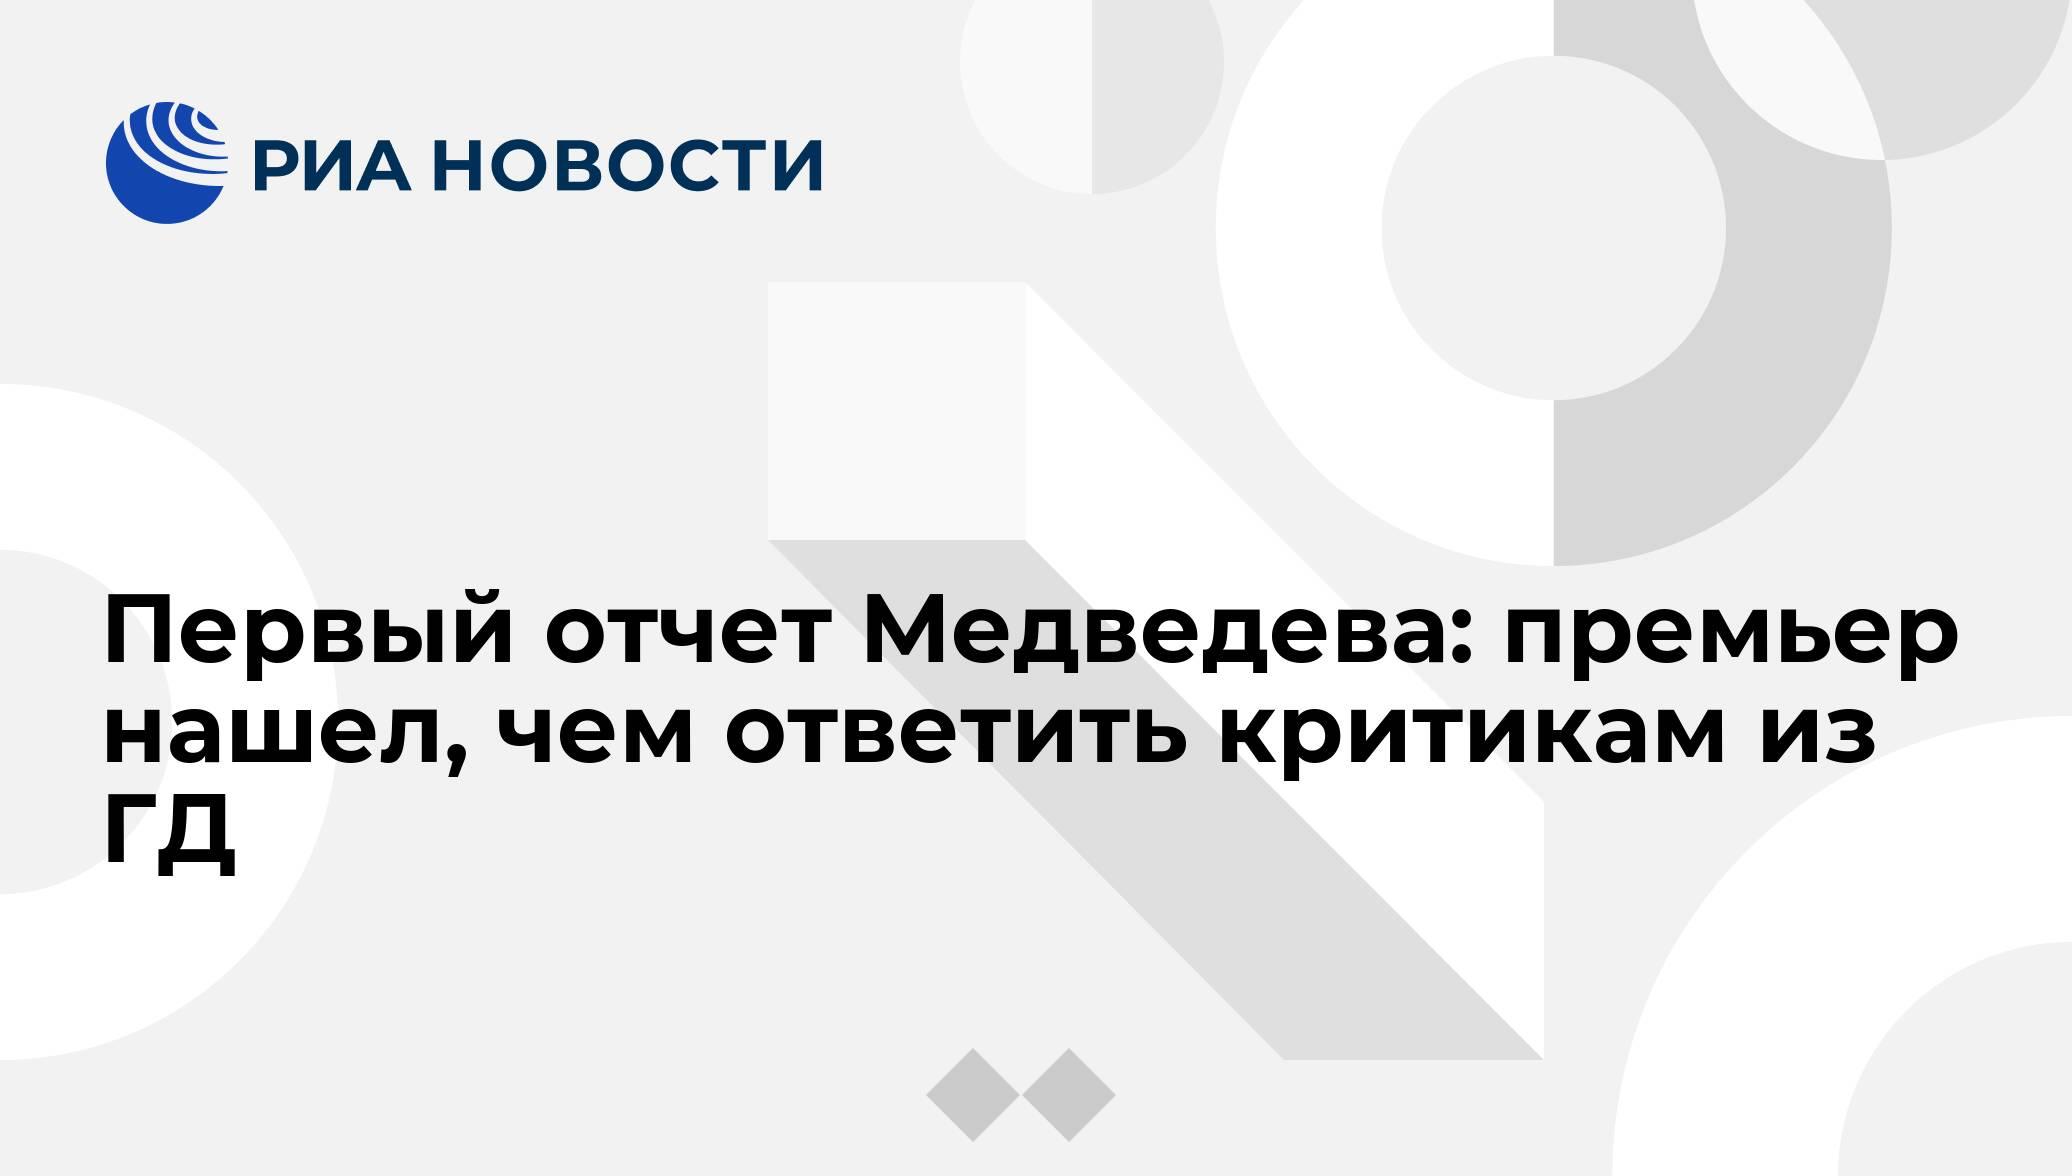 Первый отчет Медведева: премьер нашел, чем ответить критикам из ГД